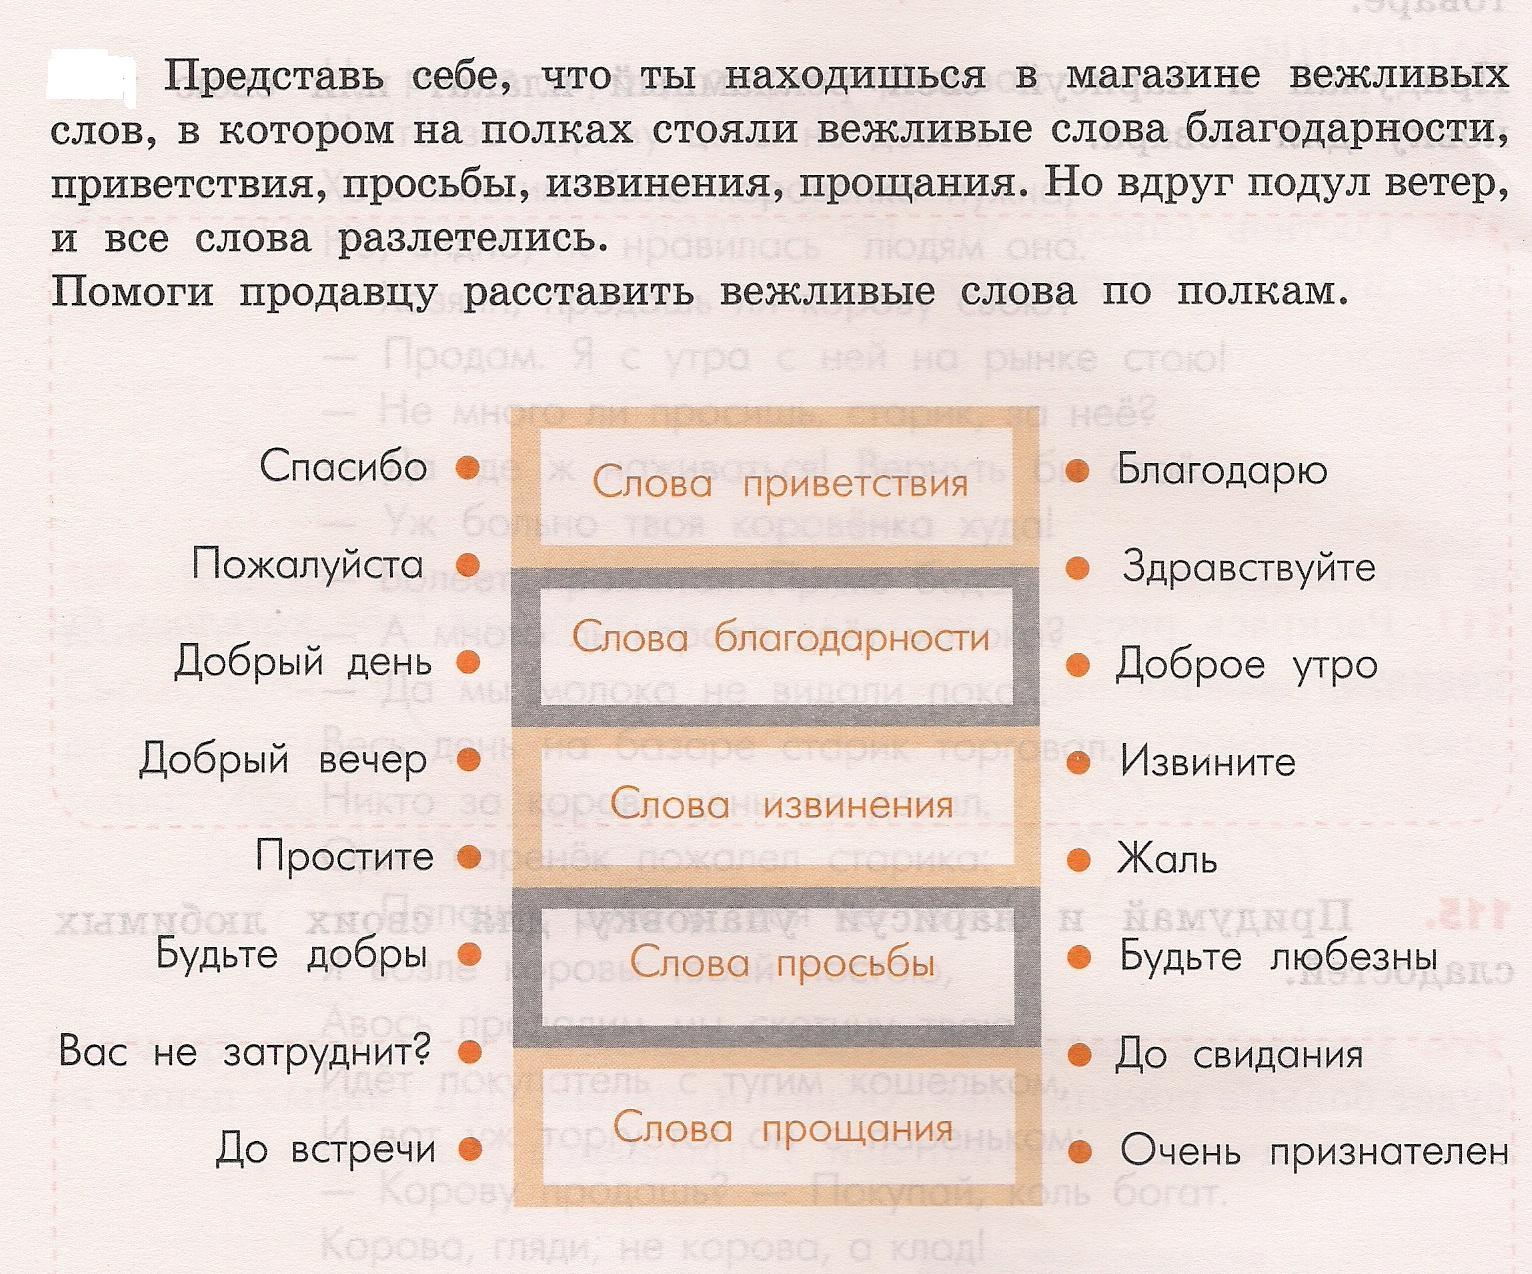 C:\Documents and Settings\Администратор\Мои документы\Мои рисунки\Мои сканированные изображения\2012-12 (дек)\сканирование0002.jpg